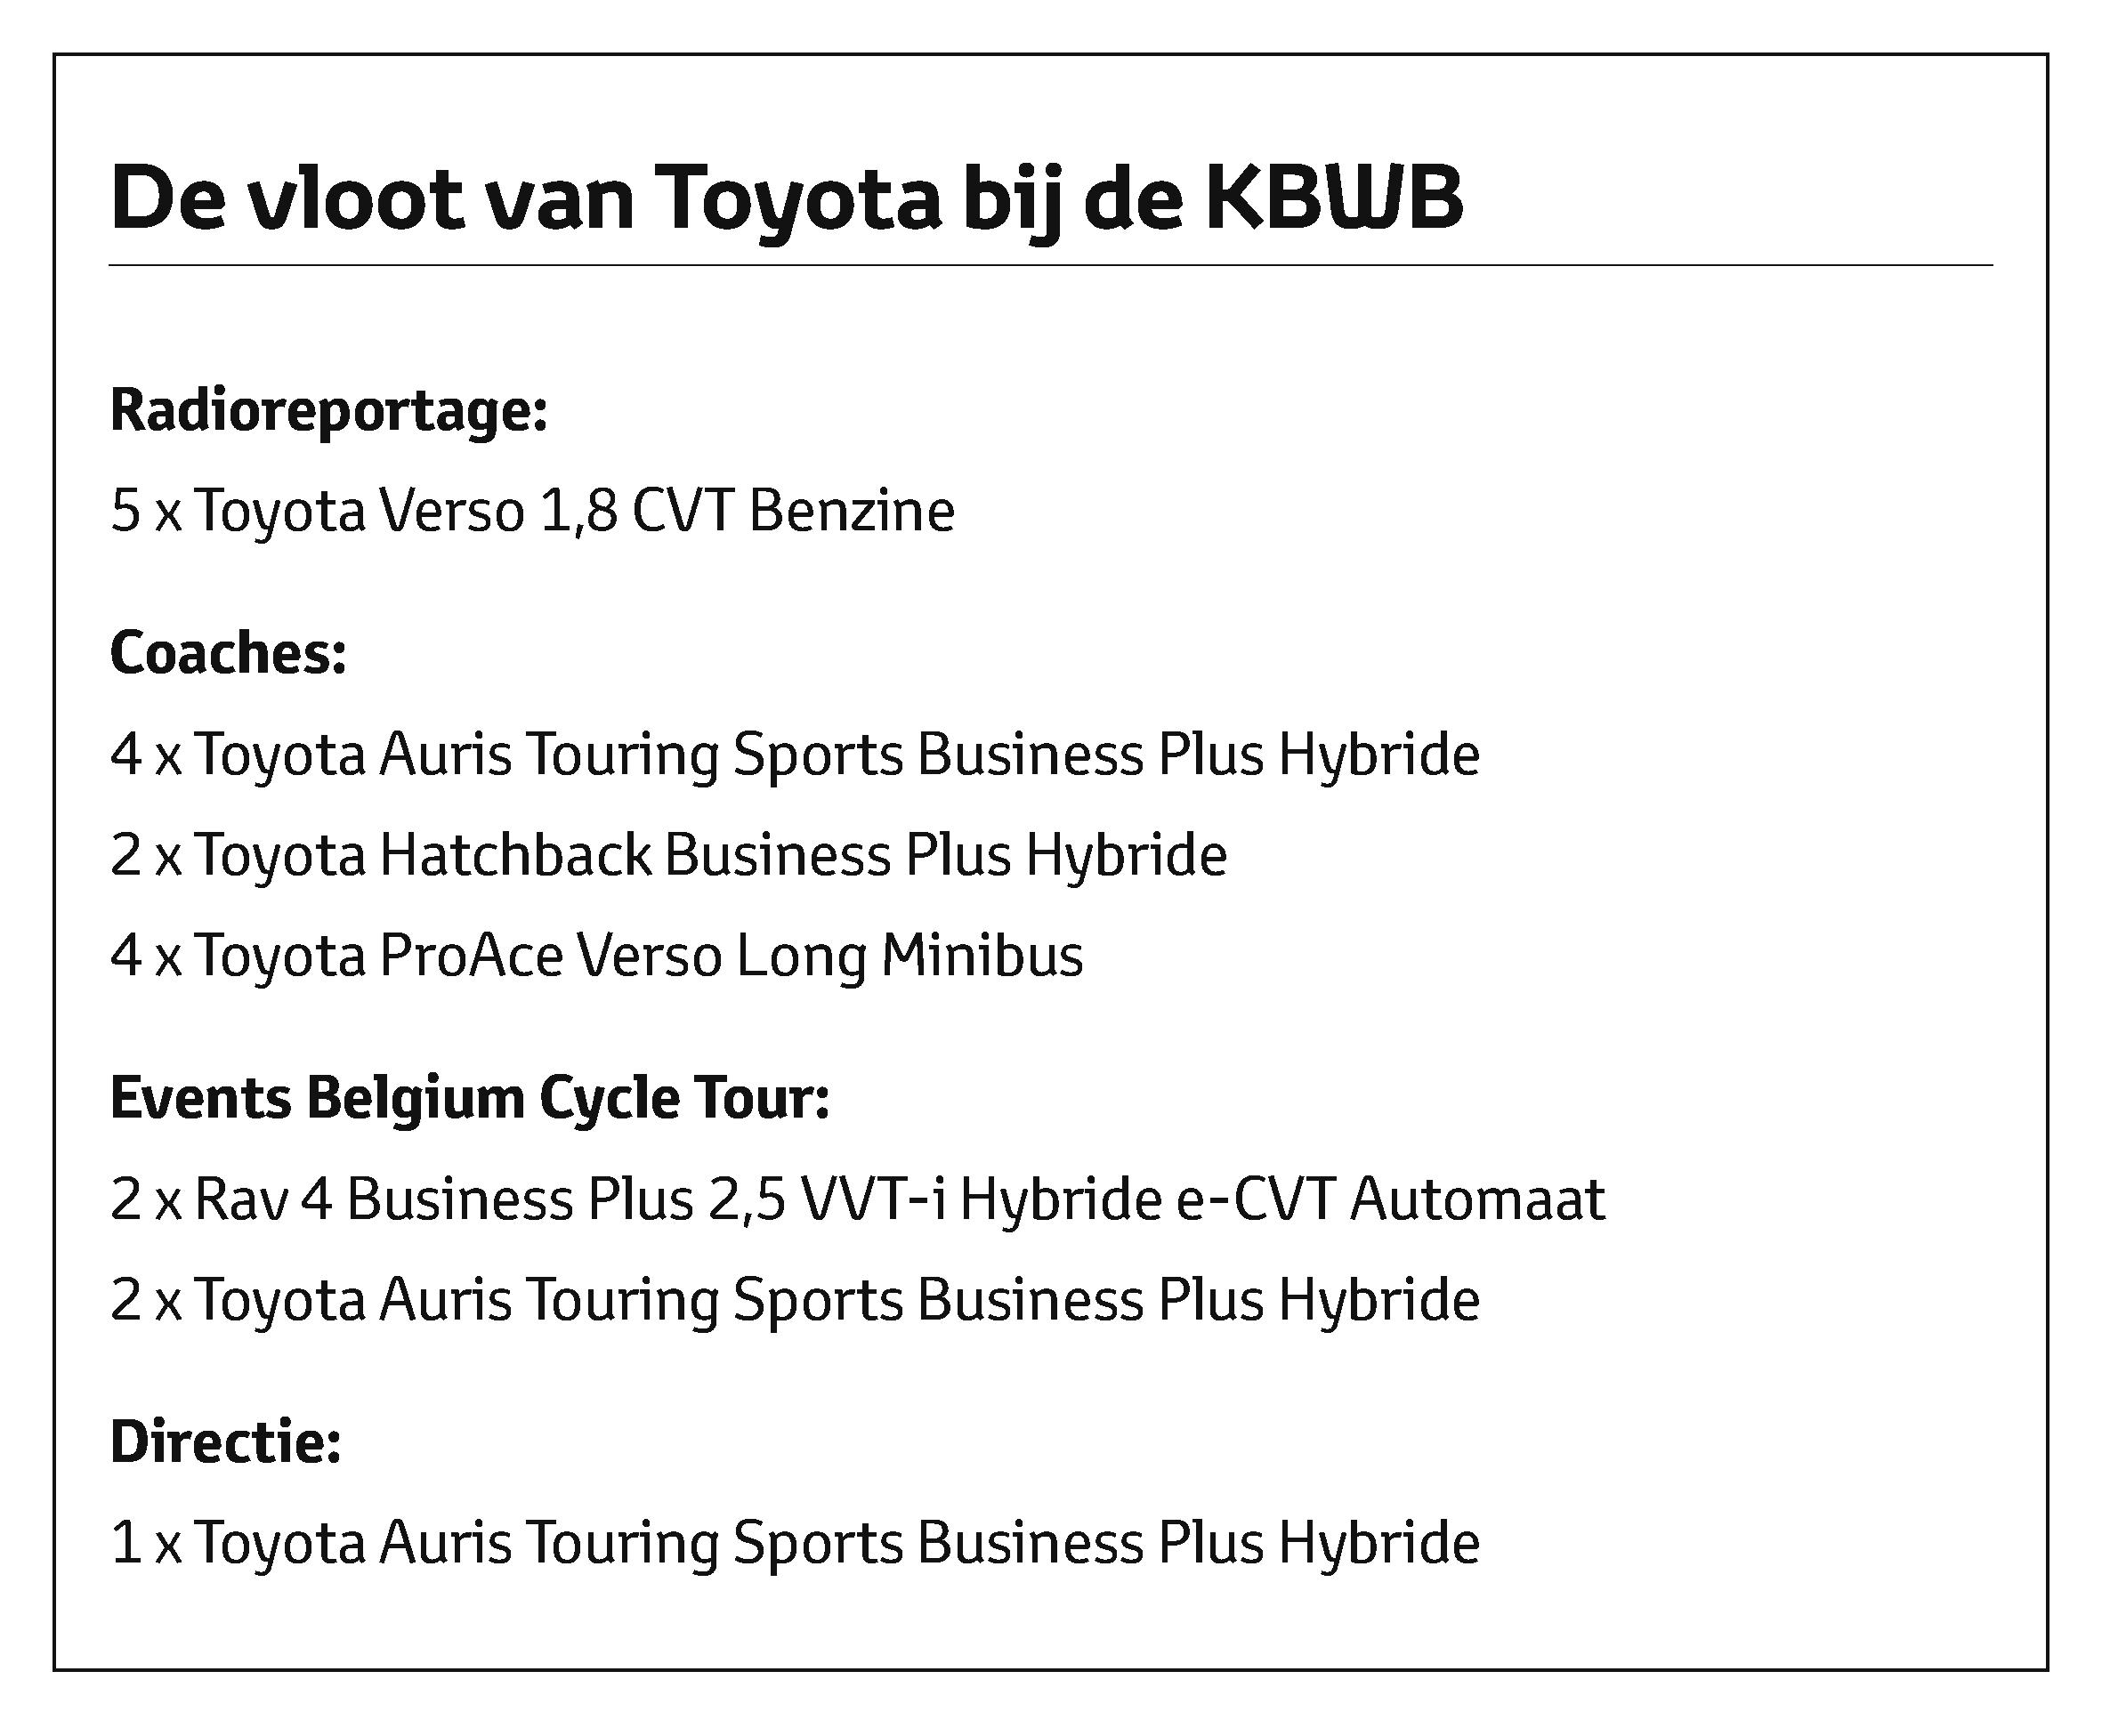 De vloot van Toyota bij de KBWB